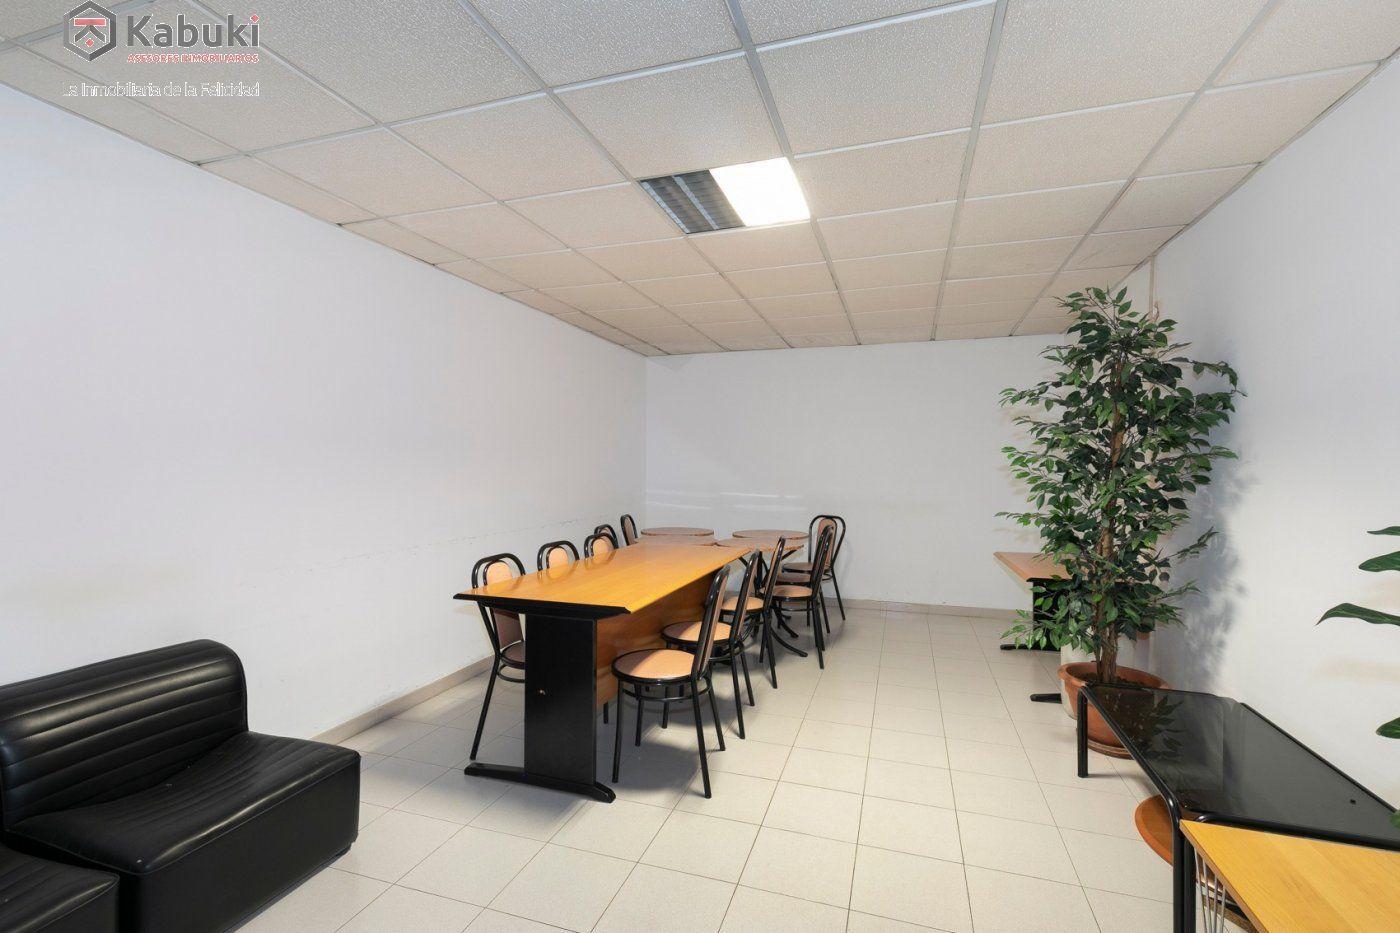 Magnífica oficina luminosa con un inmejorable acceso desde la circunvalación - imagenInmueble9